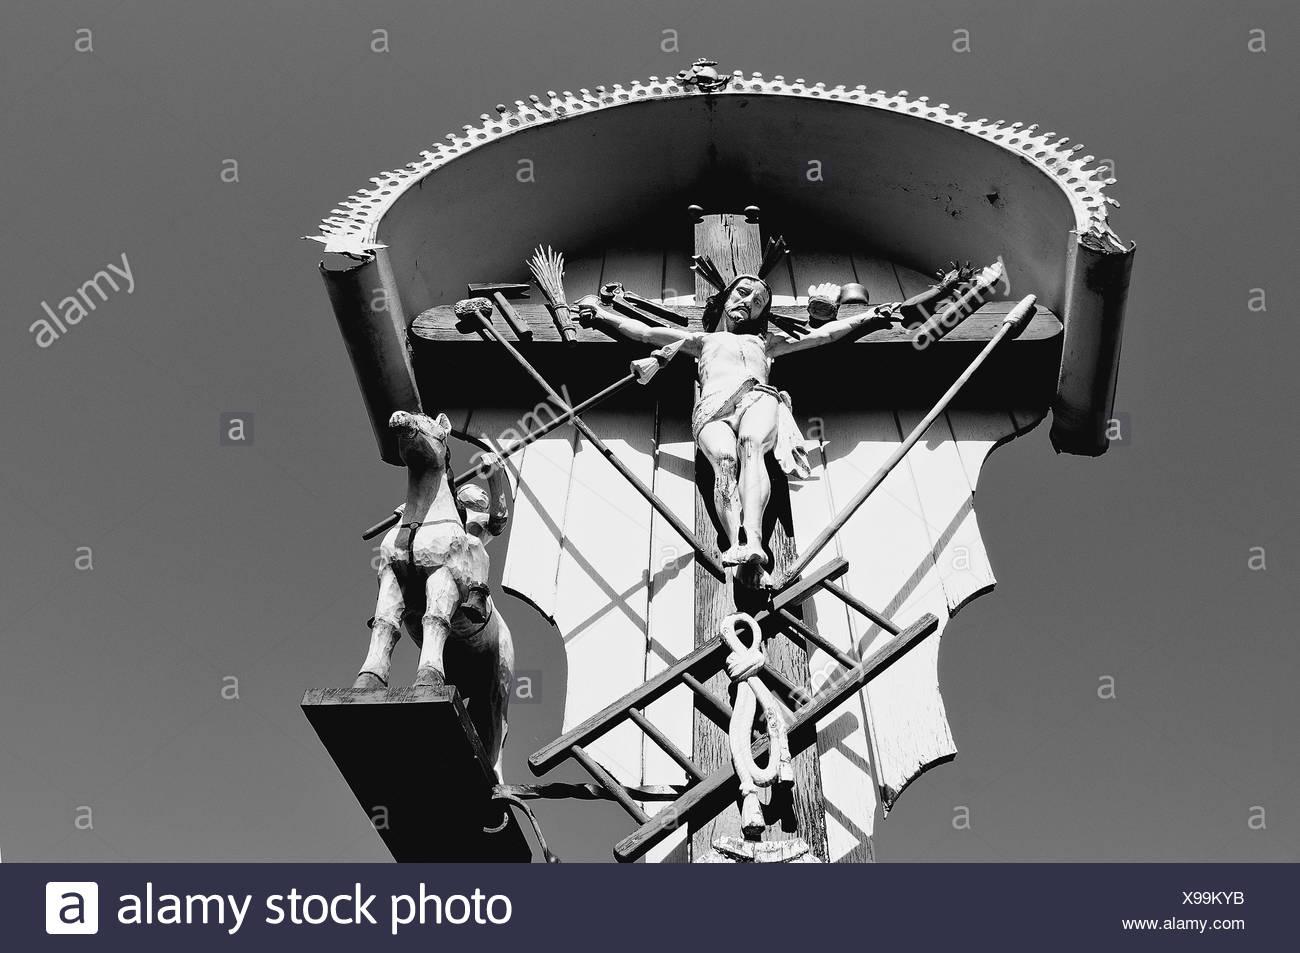 Cristo En La Cruz Campo En Blanco Y Negro Foto Imagen De Stock